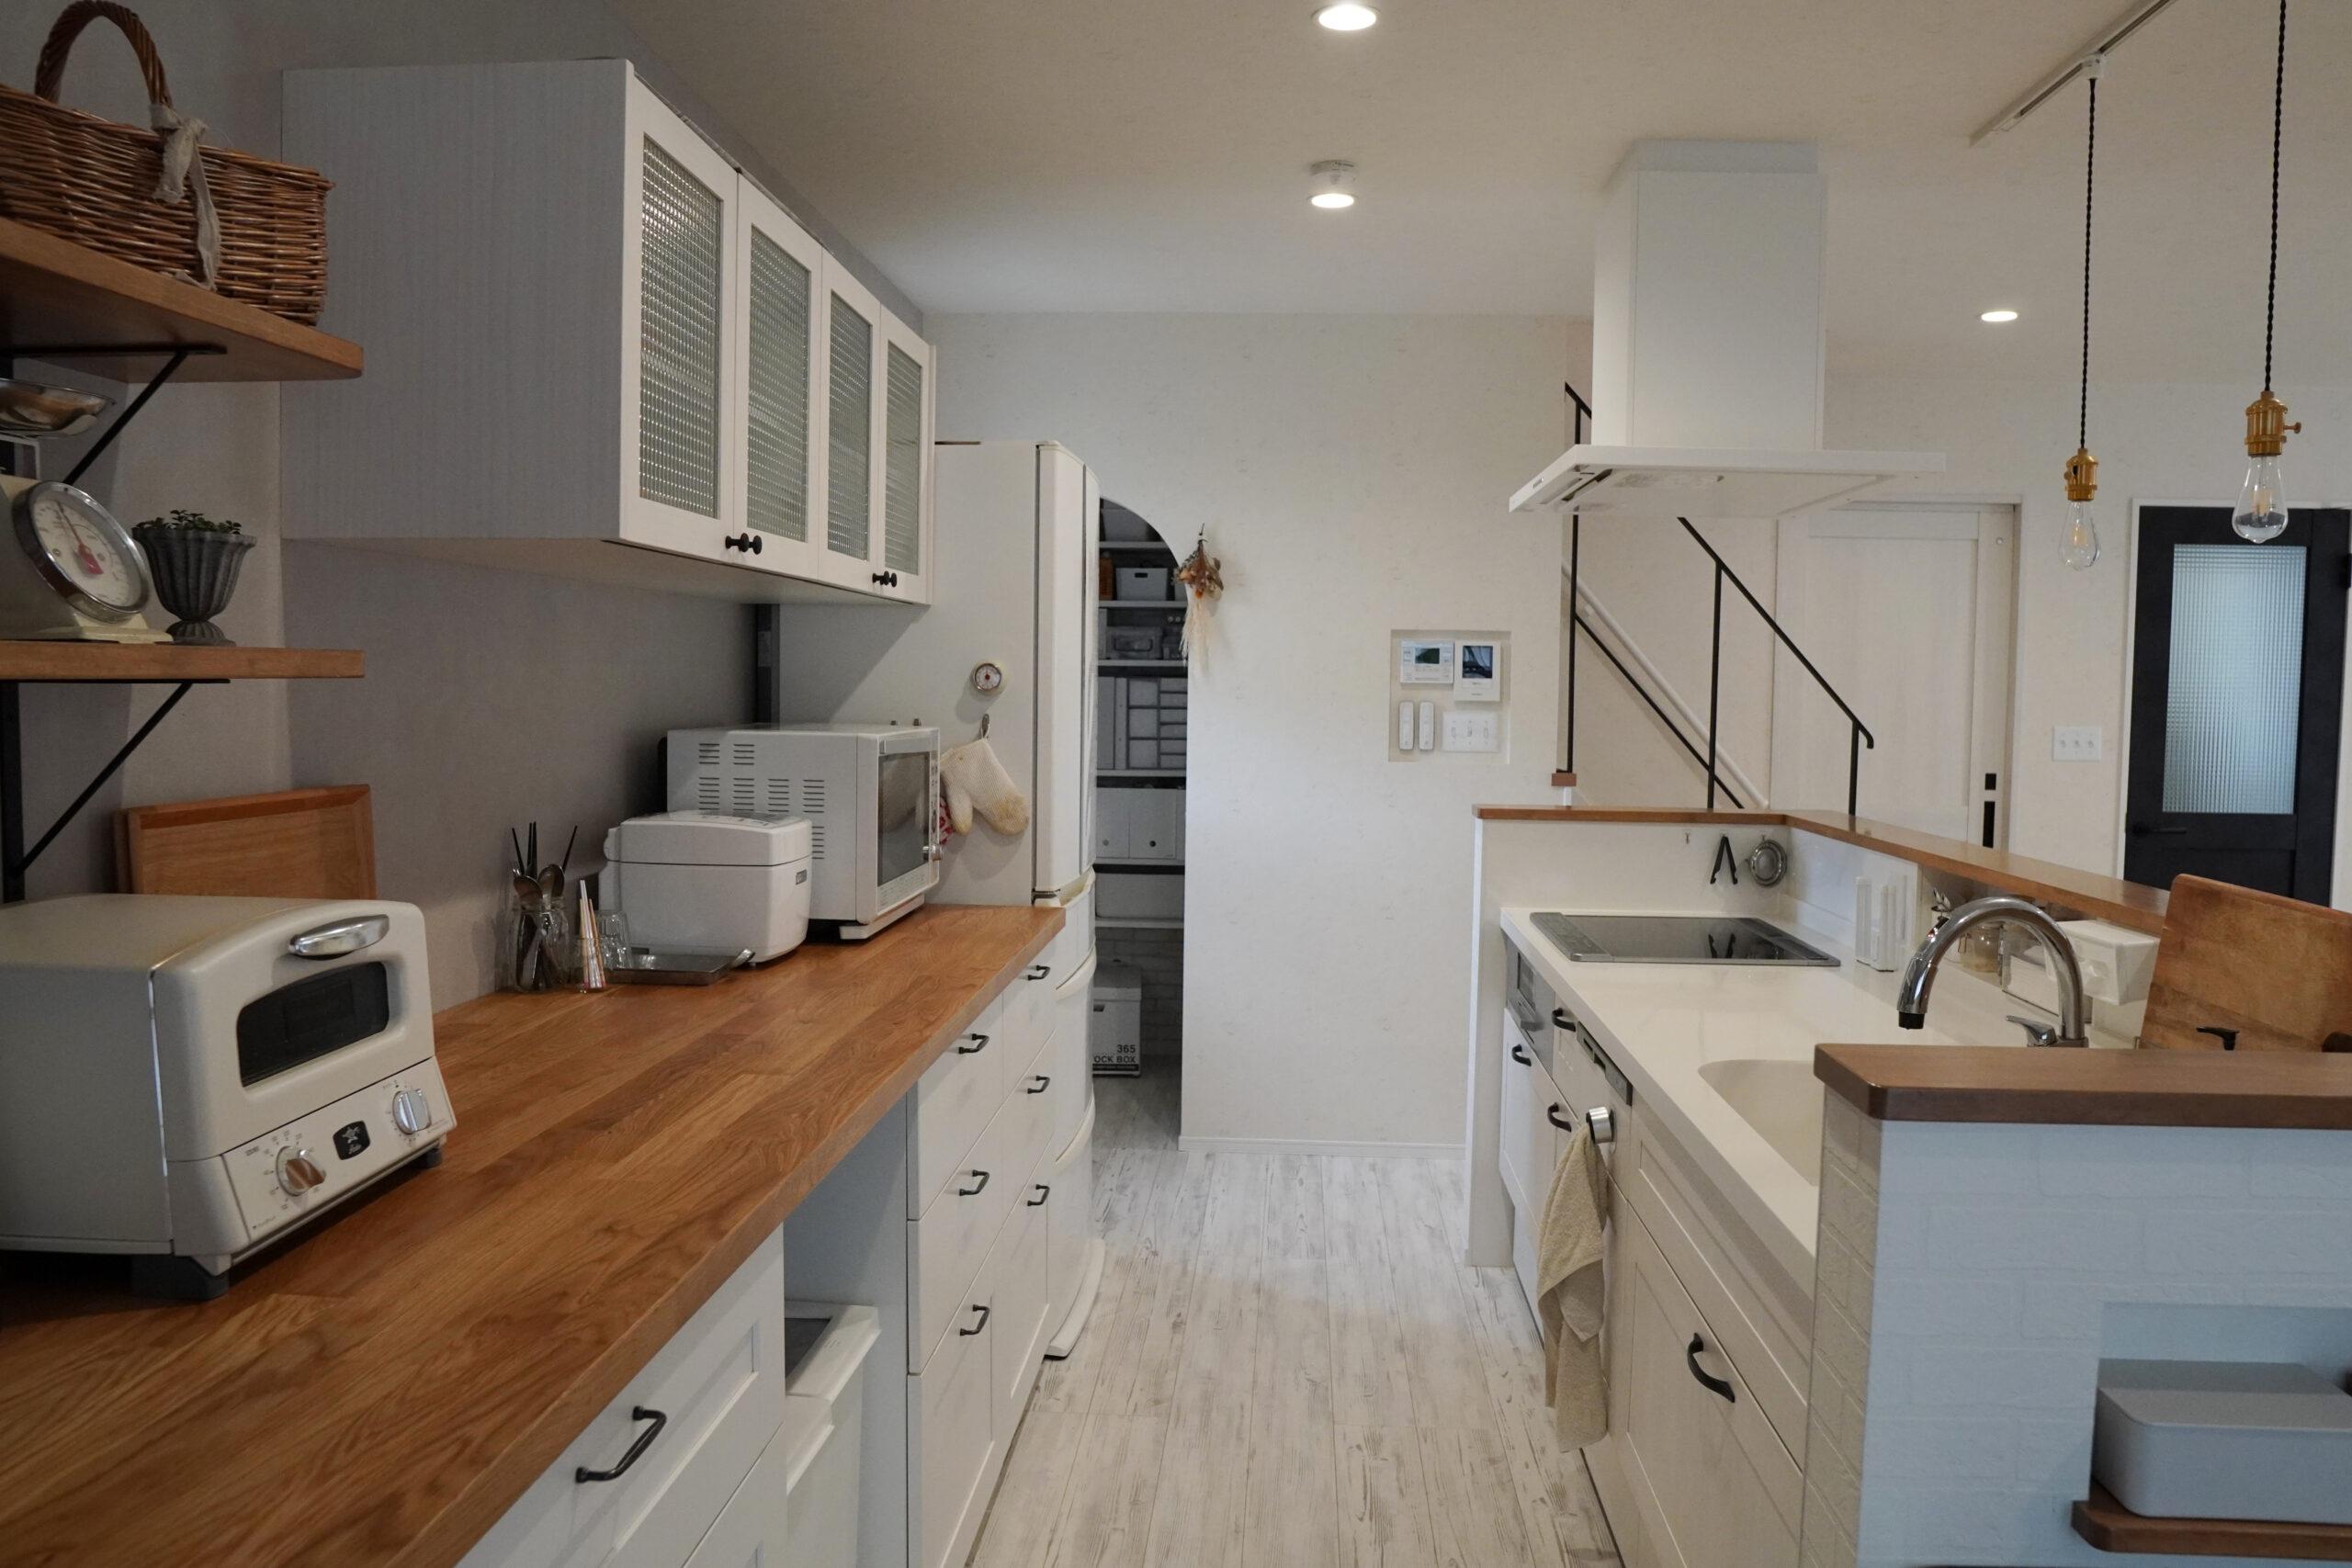 キッチンはぐるっと回れる設計に。家事動線もグッとラクになる。